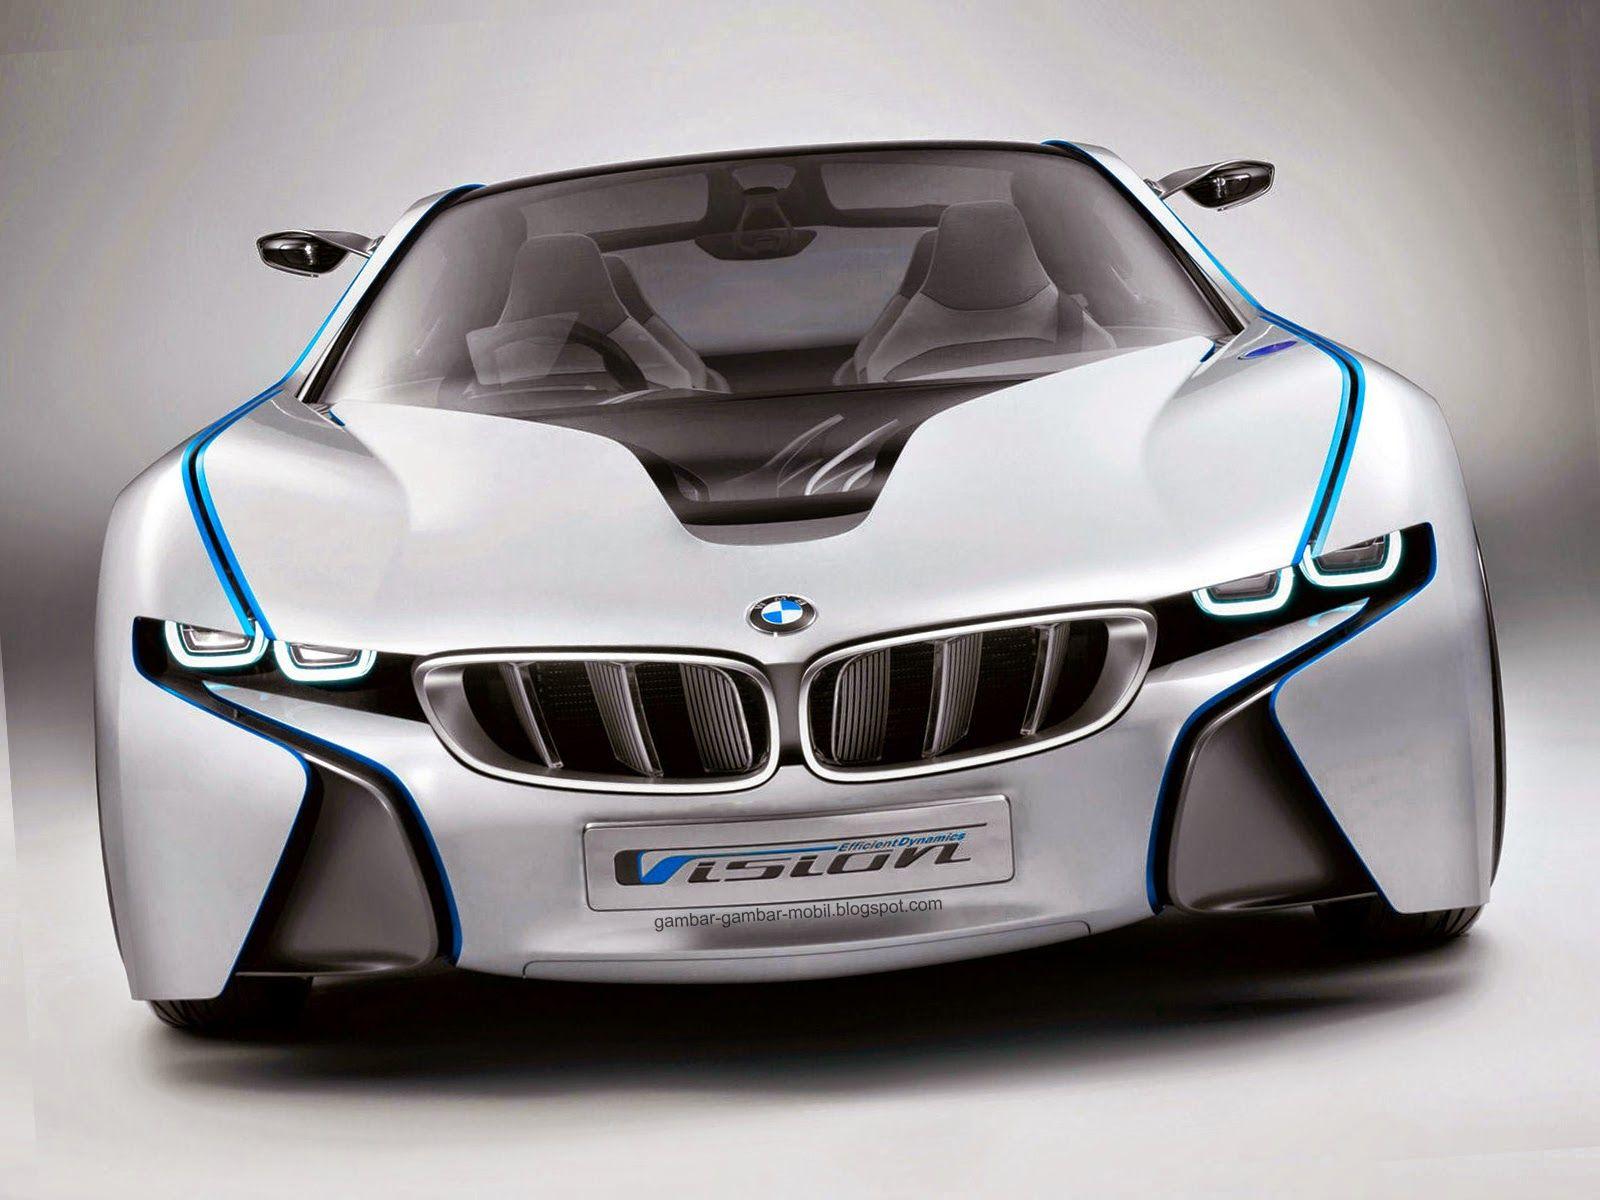 Gambar Mobil Sedan Mewah Terbaru Dan Terkeren Modifikasi Mobil Sedan